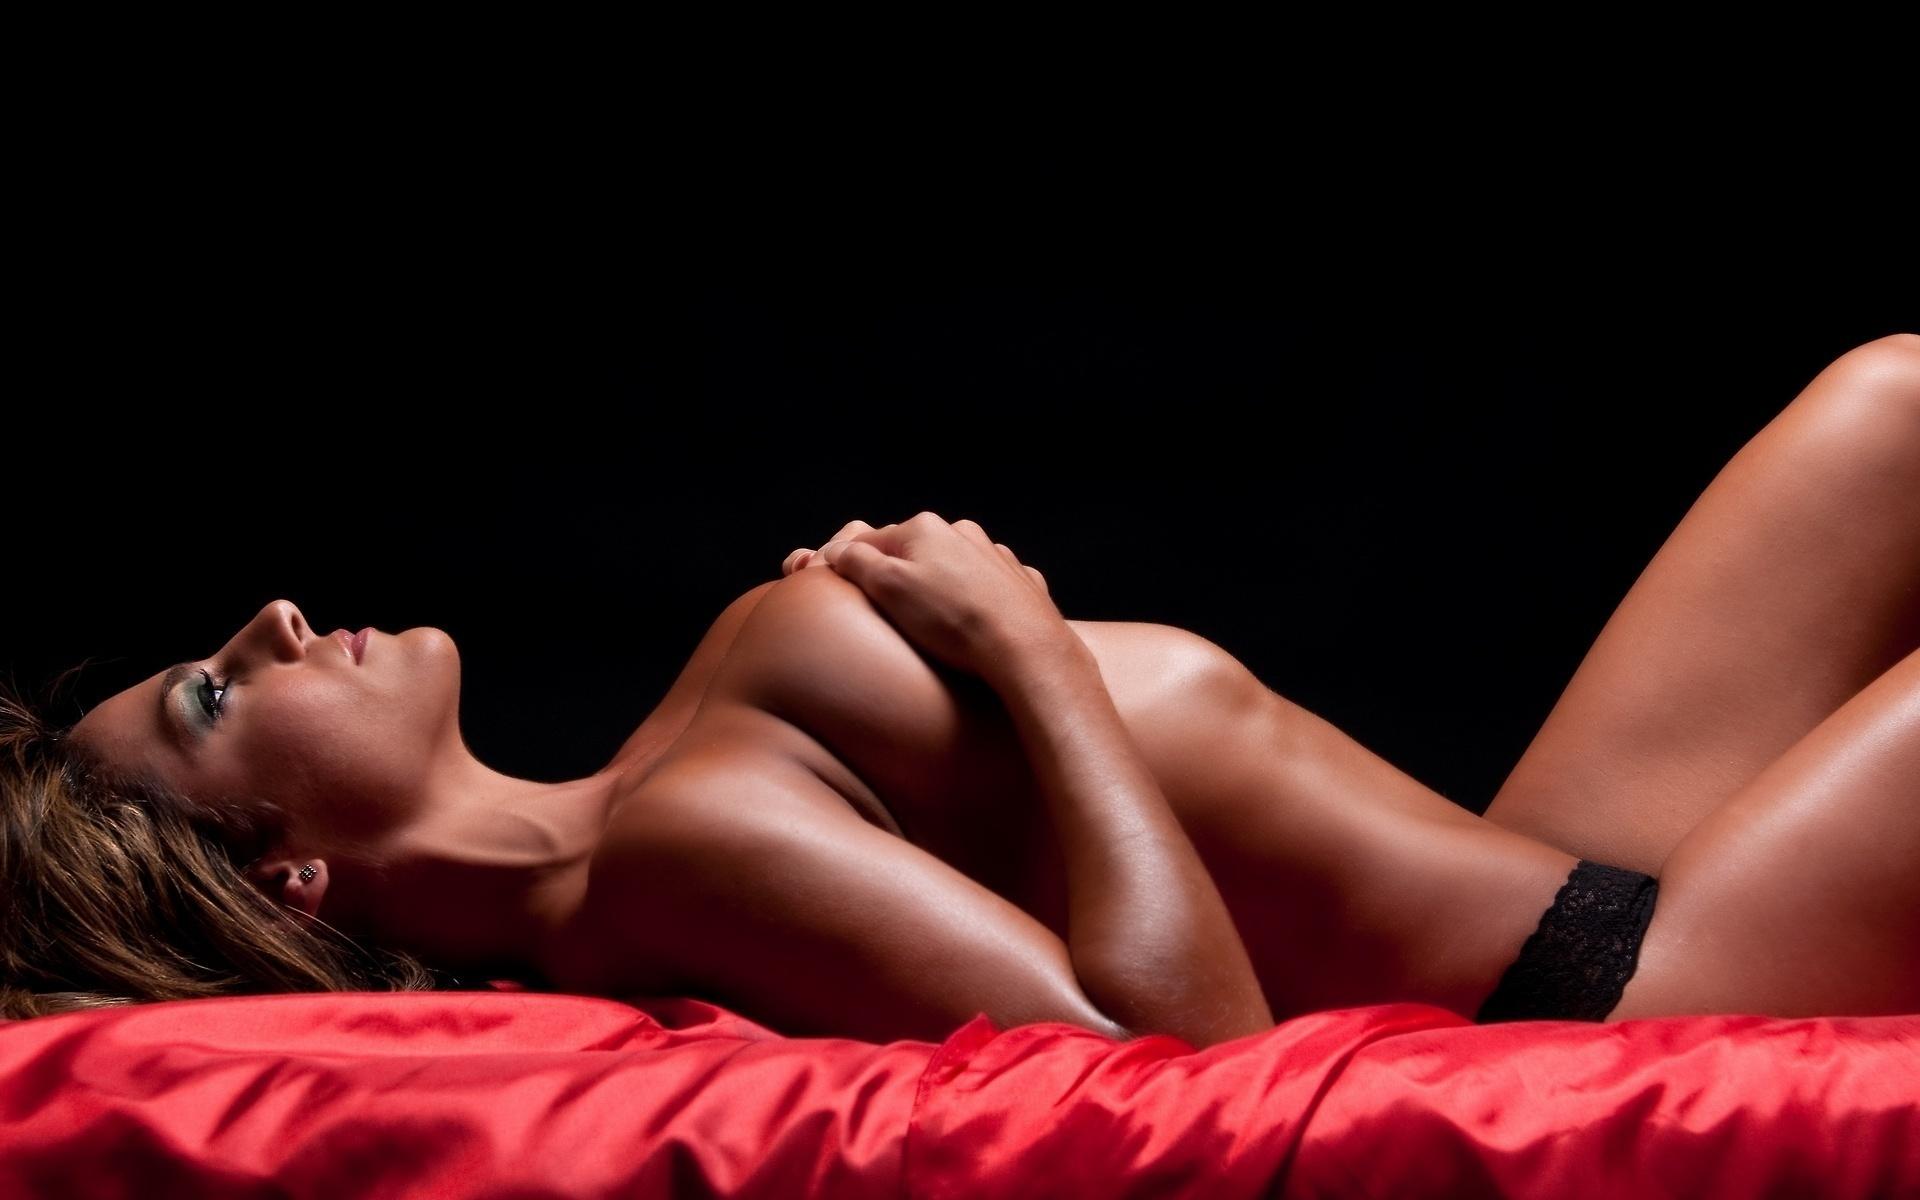 Эротика для женш, Порно зрелые, секс со зрелыми женщинами Смотреть 13 фотография